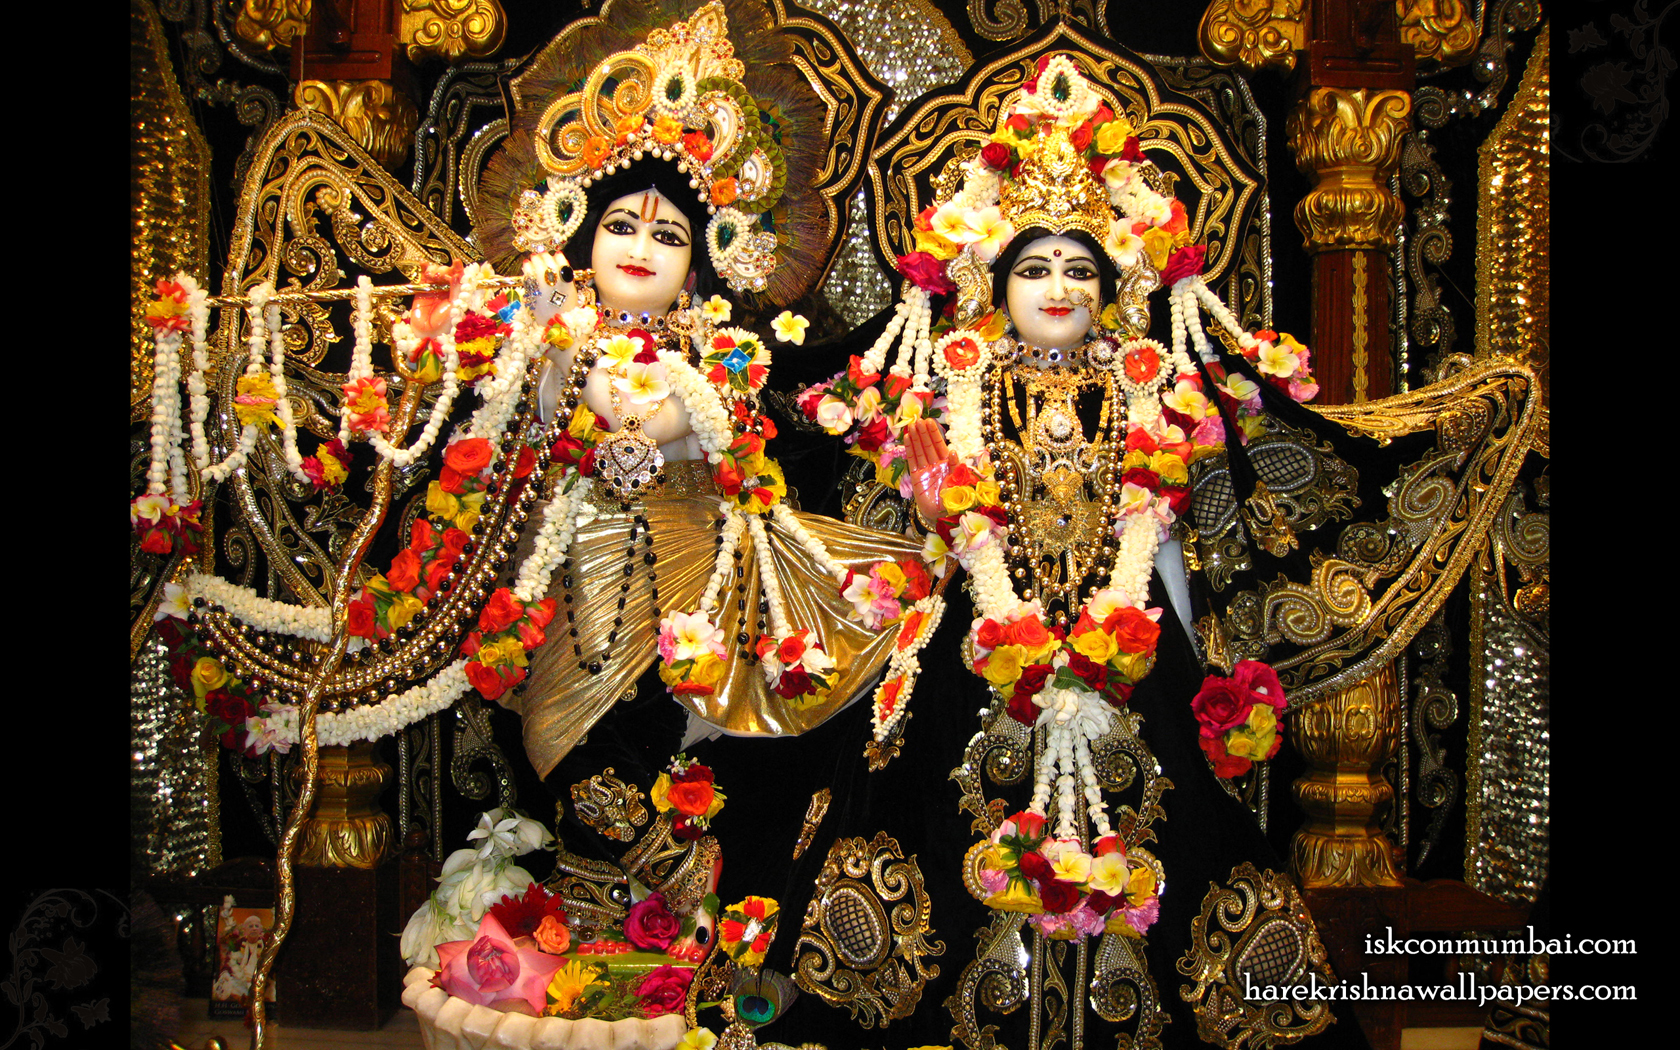 Sri Sri Radha Rasabihari Wallpaper (008) Size 1680x1050 Download